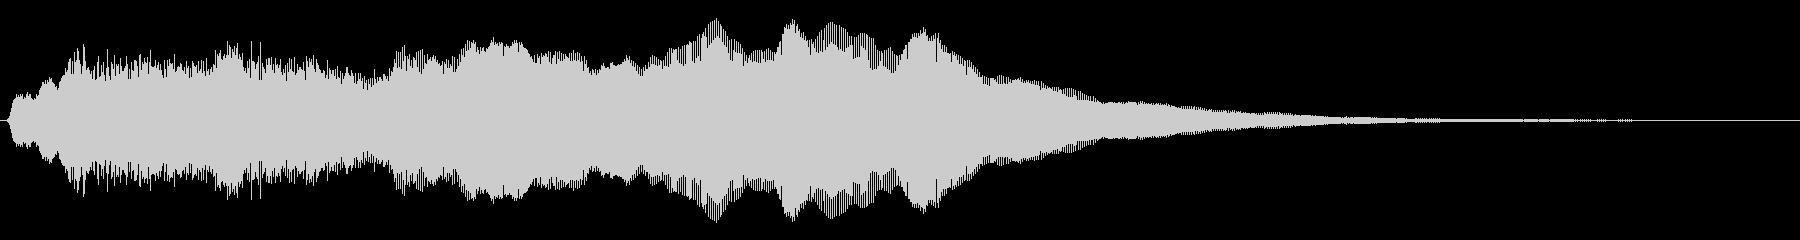 トッカータ風ジングル 03の未再生の波形